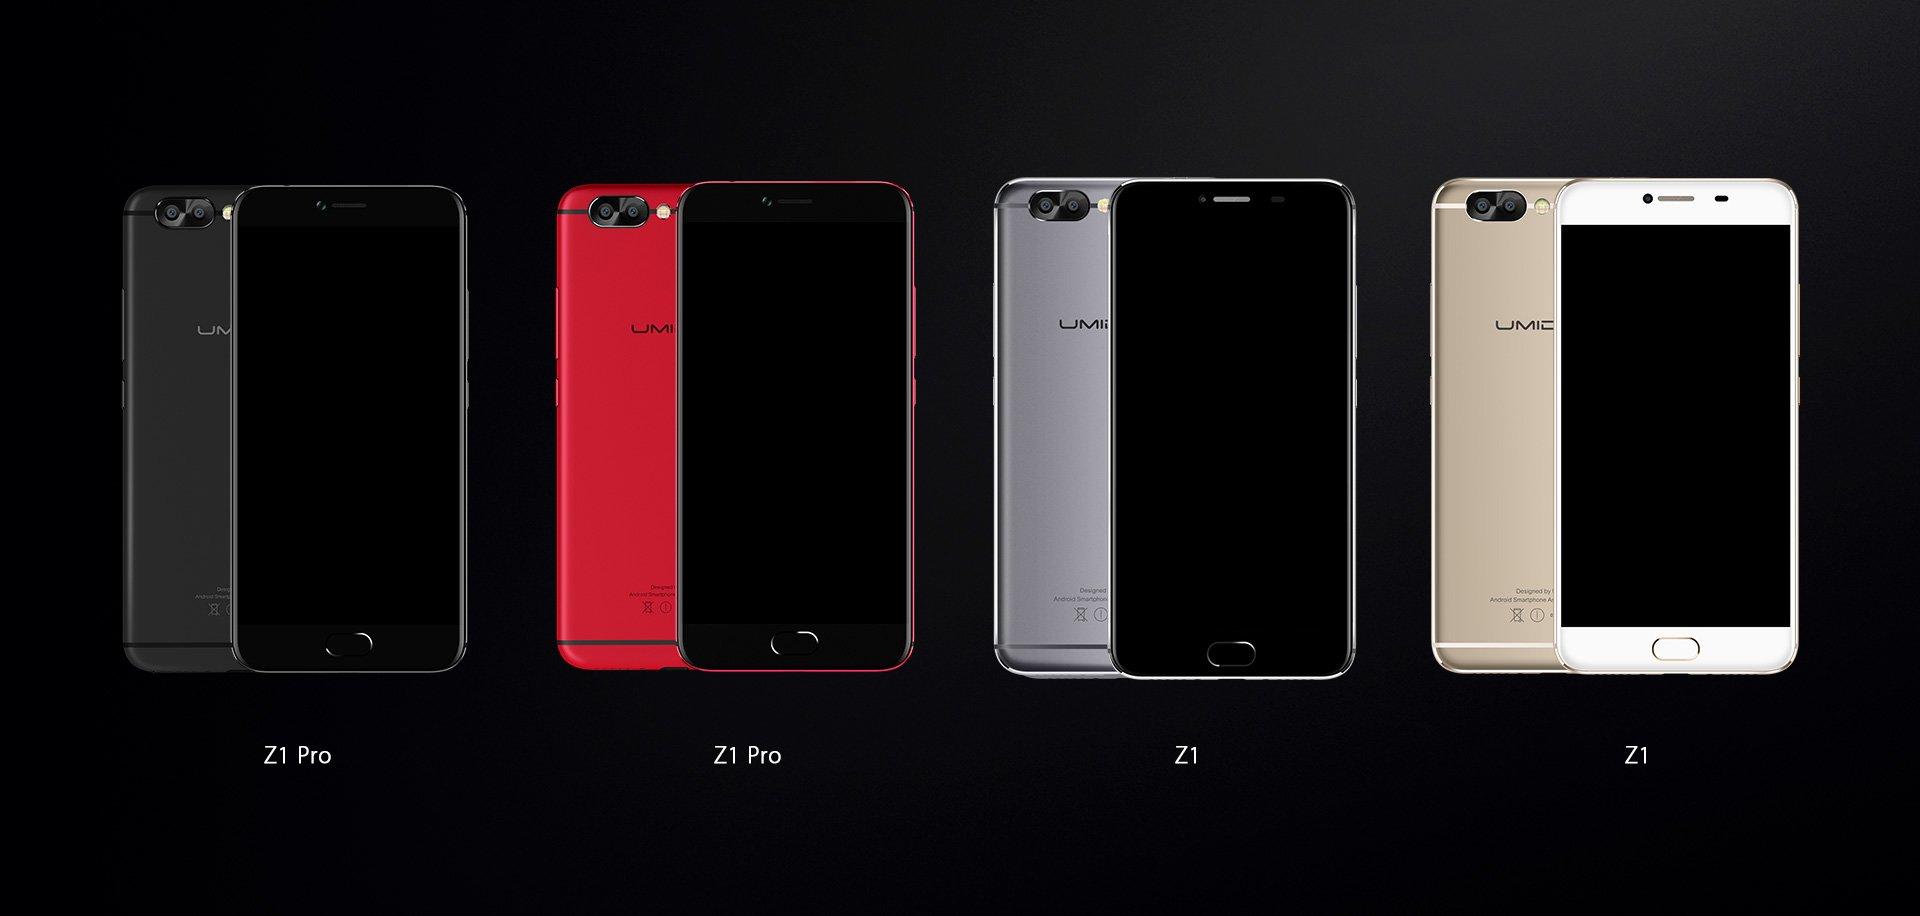 Tabletowo.pl UMIDIGI Z1 i UMIDIGI Z1 Pro - Helio P20, 6GB RAM i bateria 4000 mAh Android Chińskie Nowości Smartfony